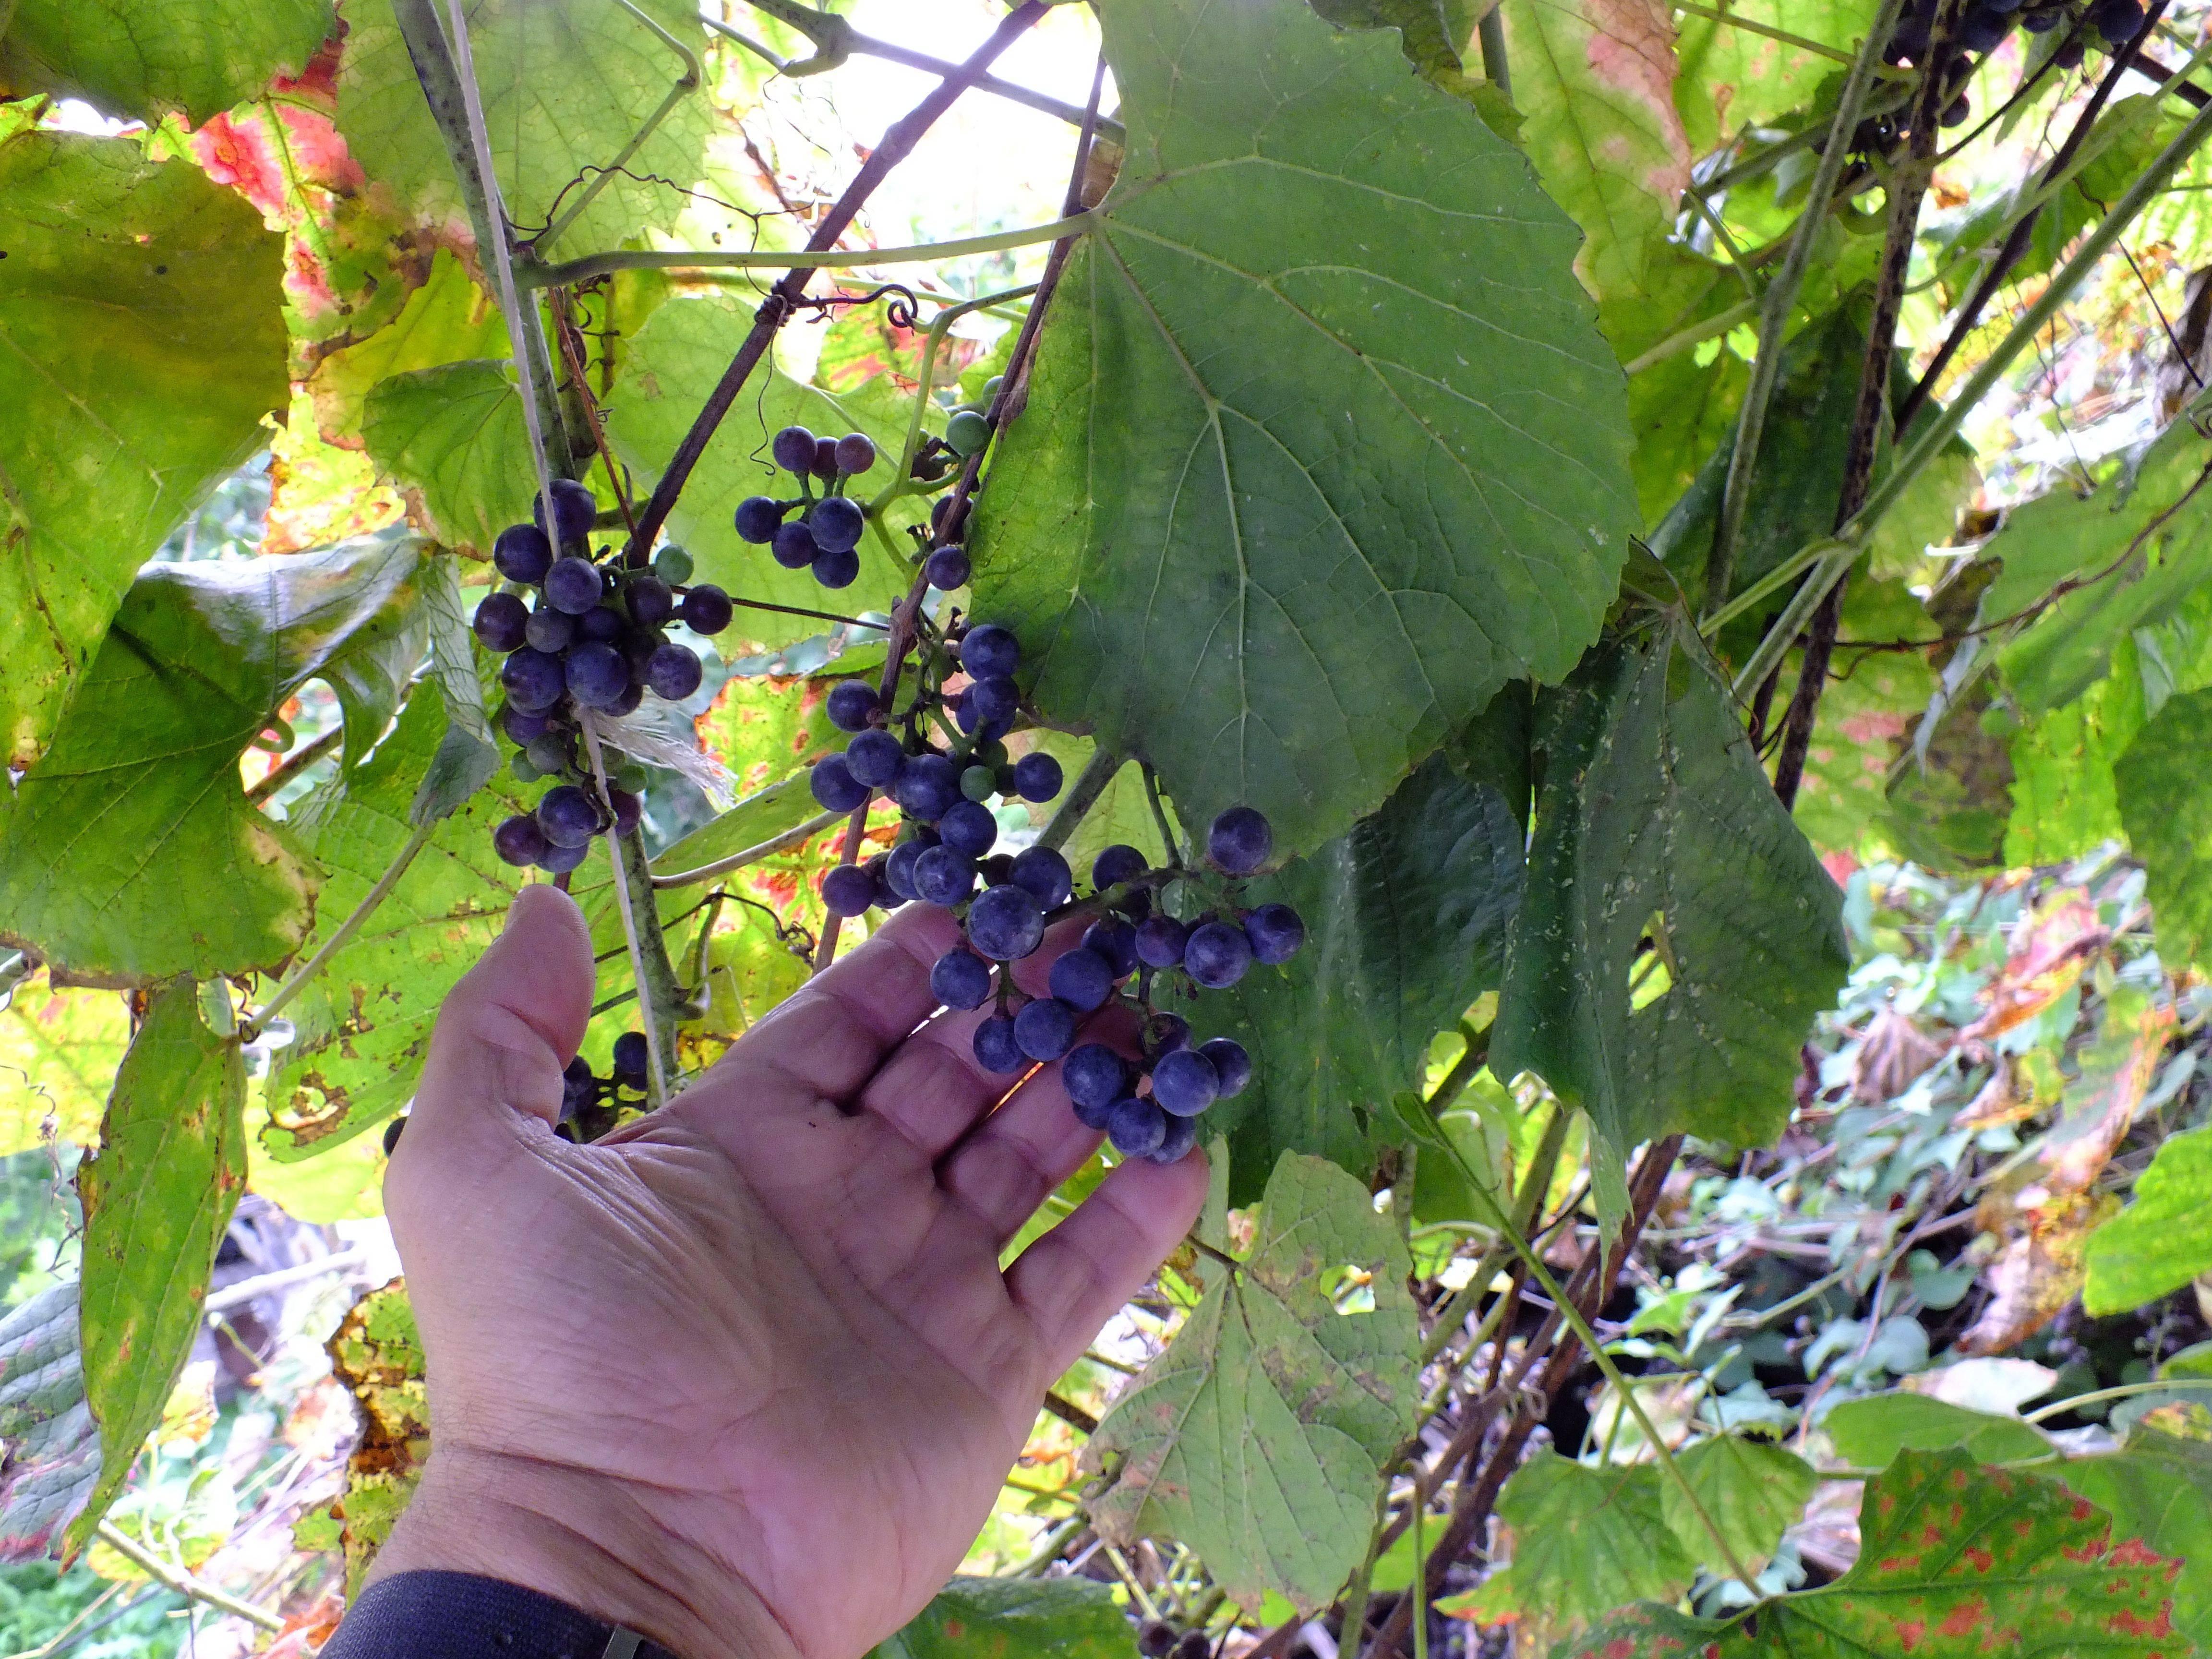 Амурский виноград: описание сорта, правила посадки и ухода